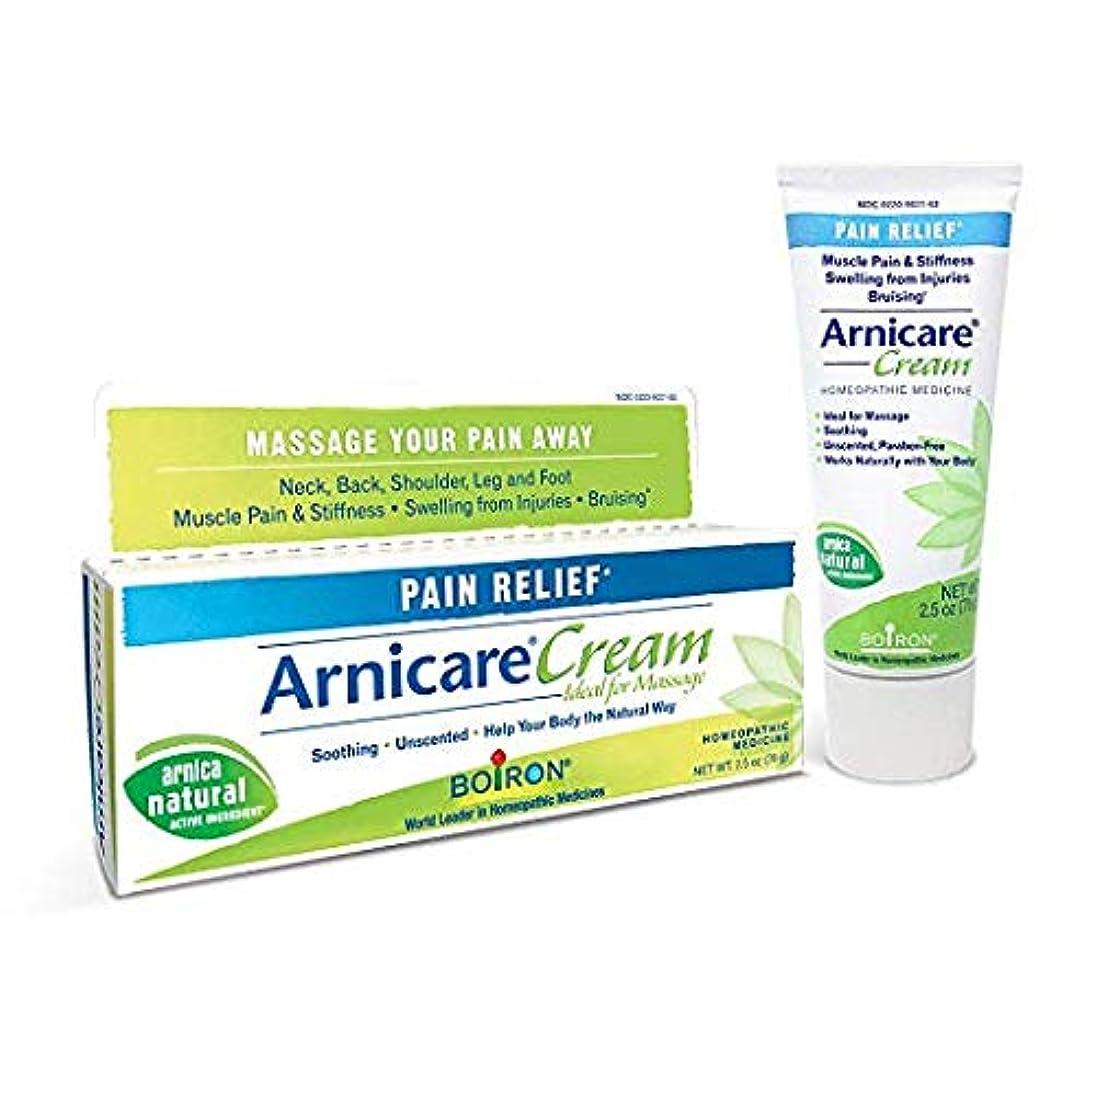 奨励ライフルファウルボイロン アルニカクリーム Boiron Arnicare Cream 2.5 Ounces Topical Pain Relief Cream [並行輸入品]